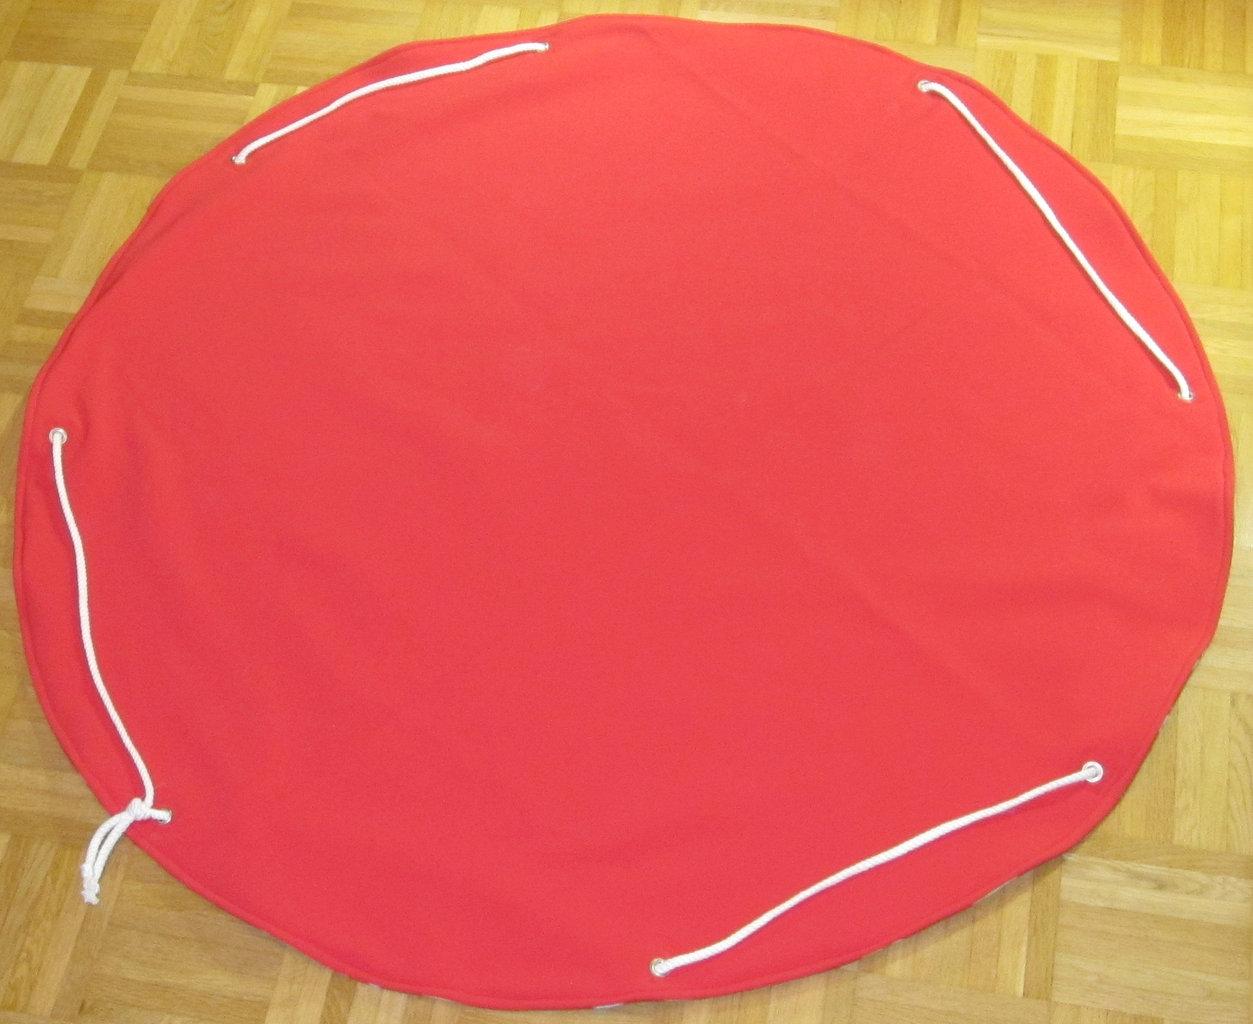 spieldecke spielzeugsack rot das geislein. Black Bedroom Furniture Sets. Home Design Ideas